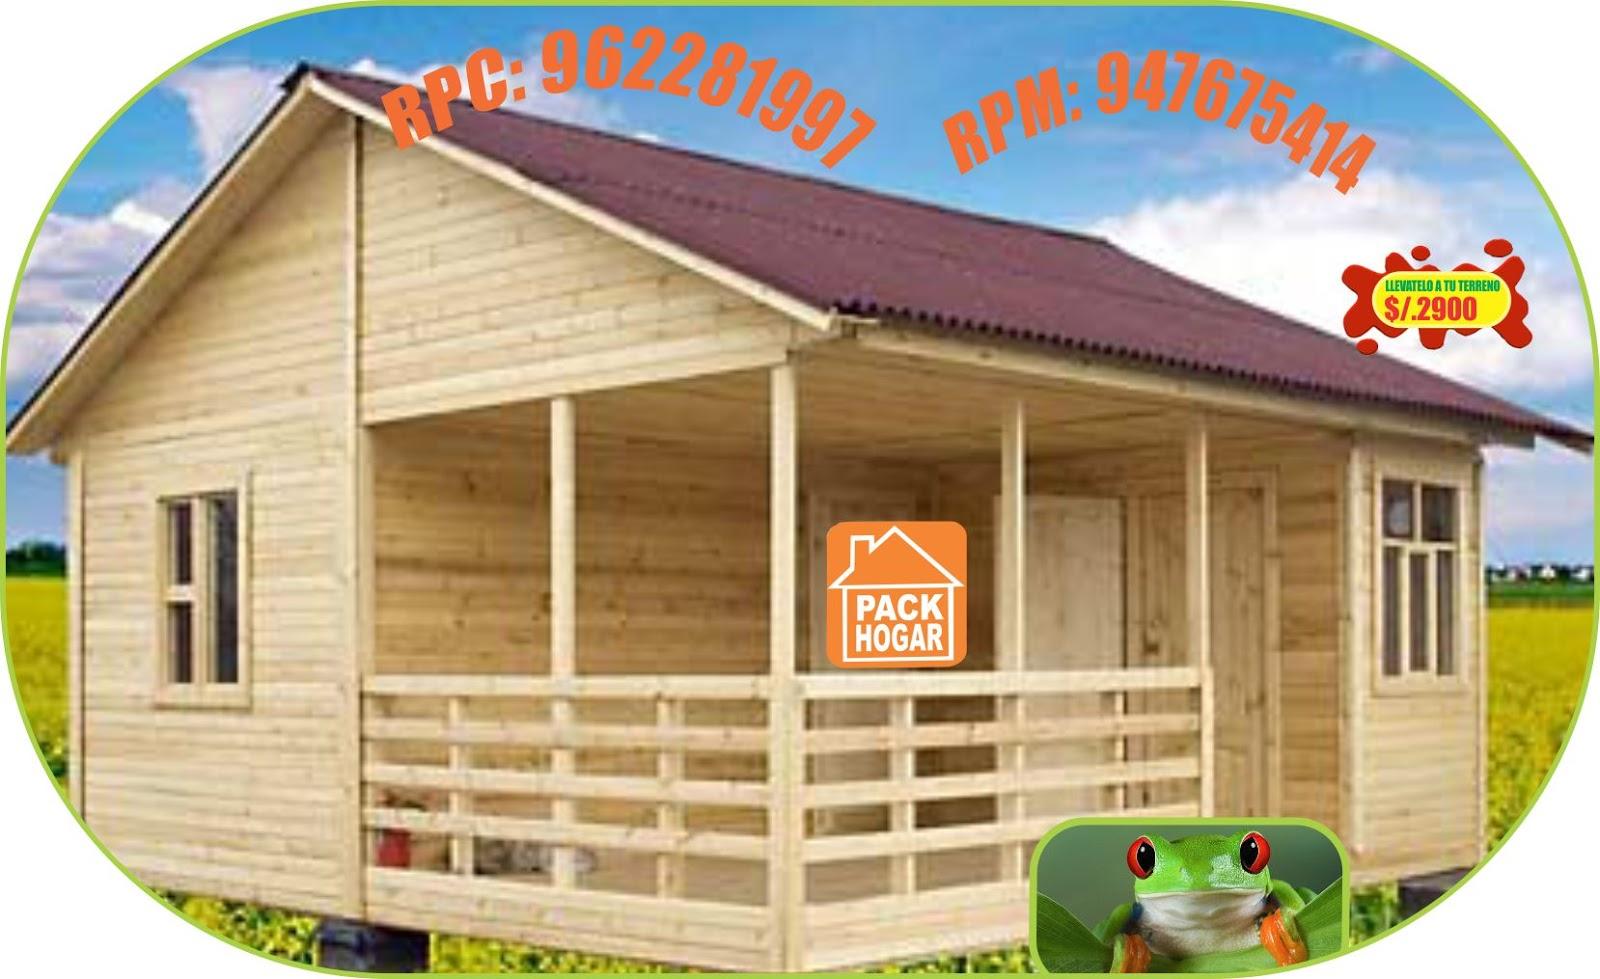 Diseño de moderna casa de campo en madera,incluye diseño de interiores